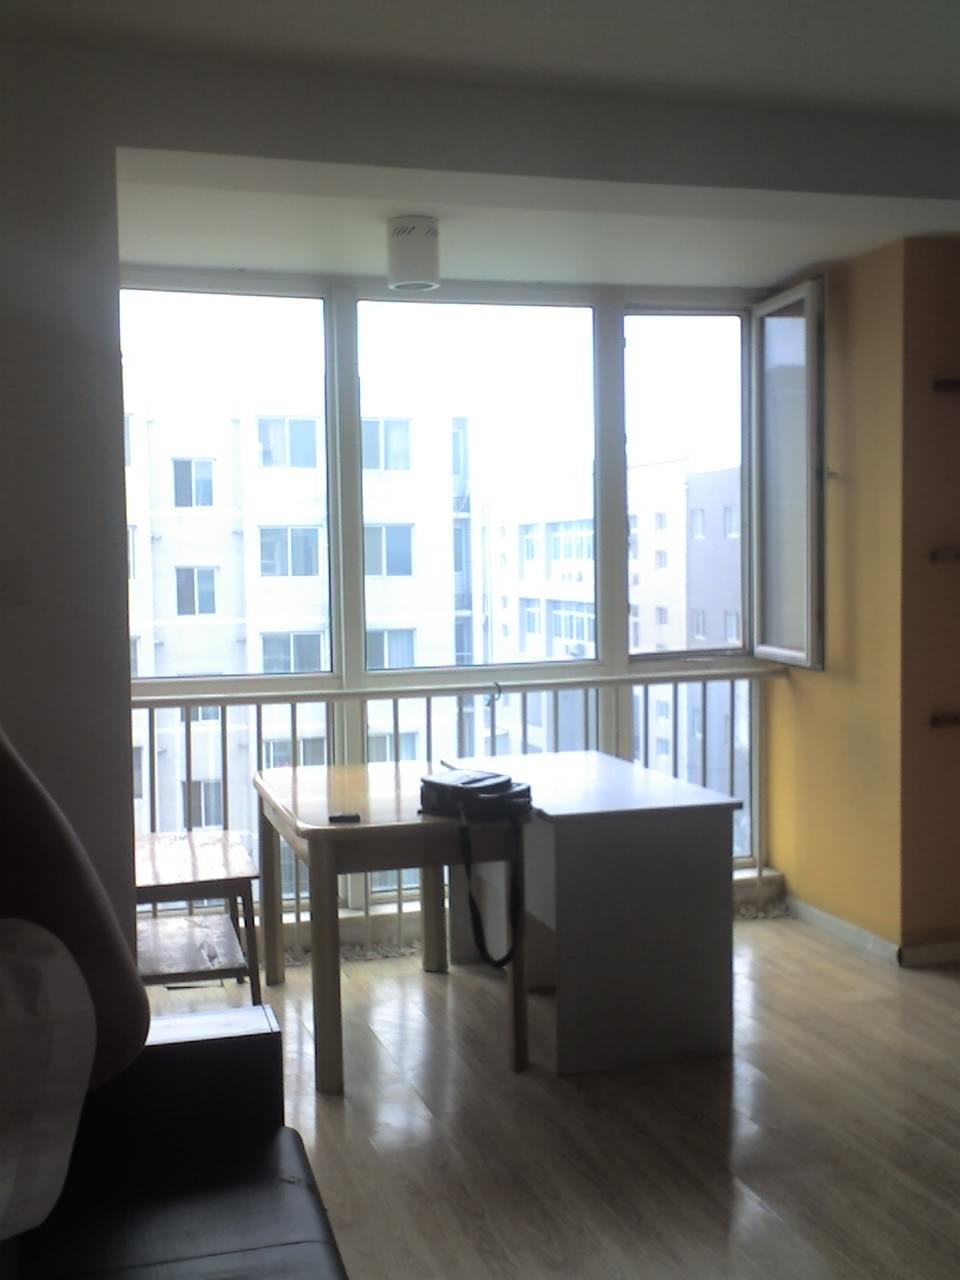 回龙观公交车总站附近 精装修木地板 阳台卧室出租!¥